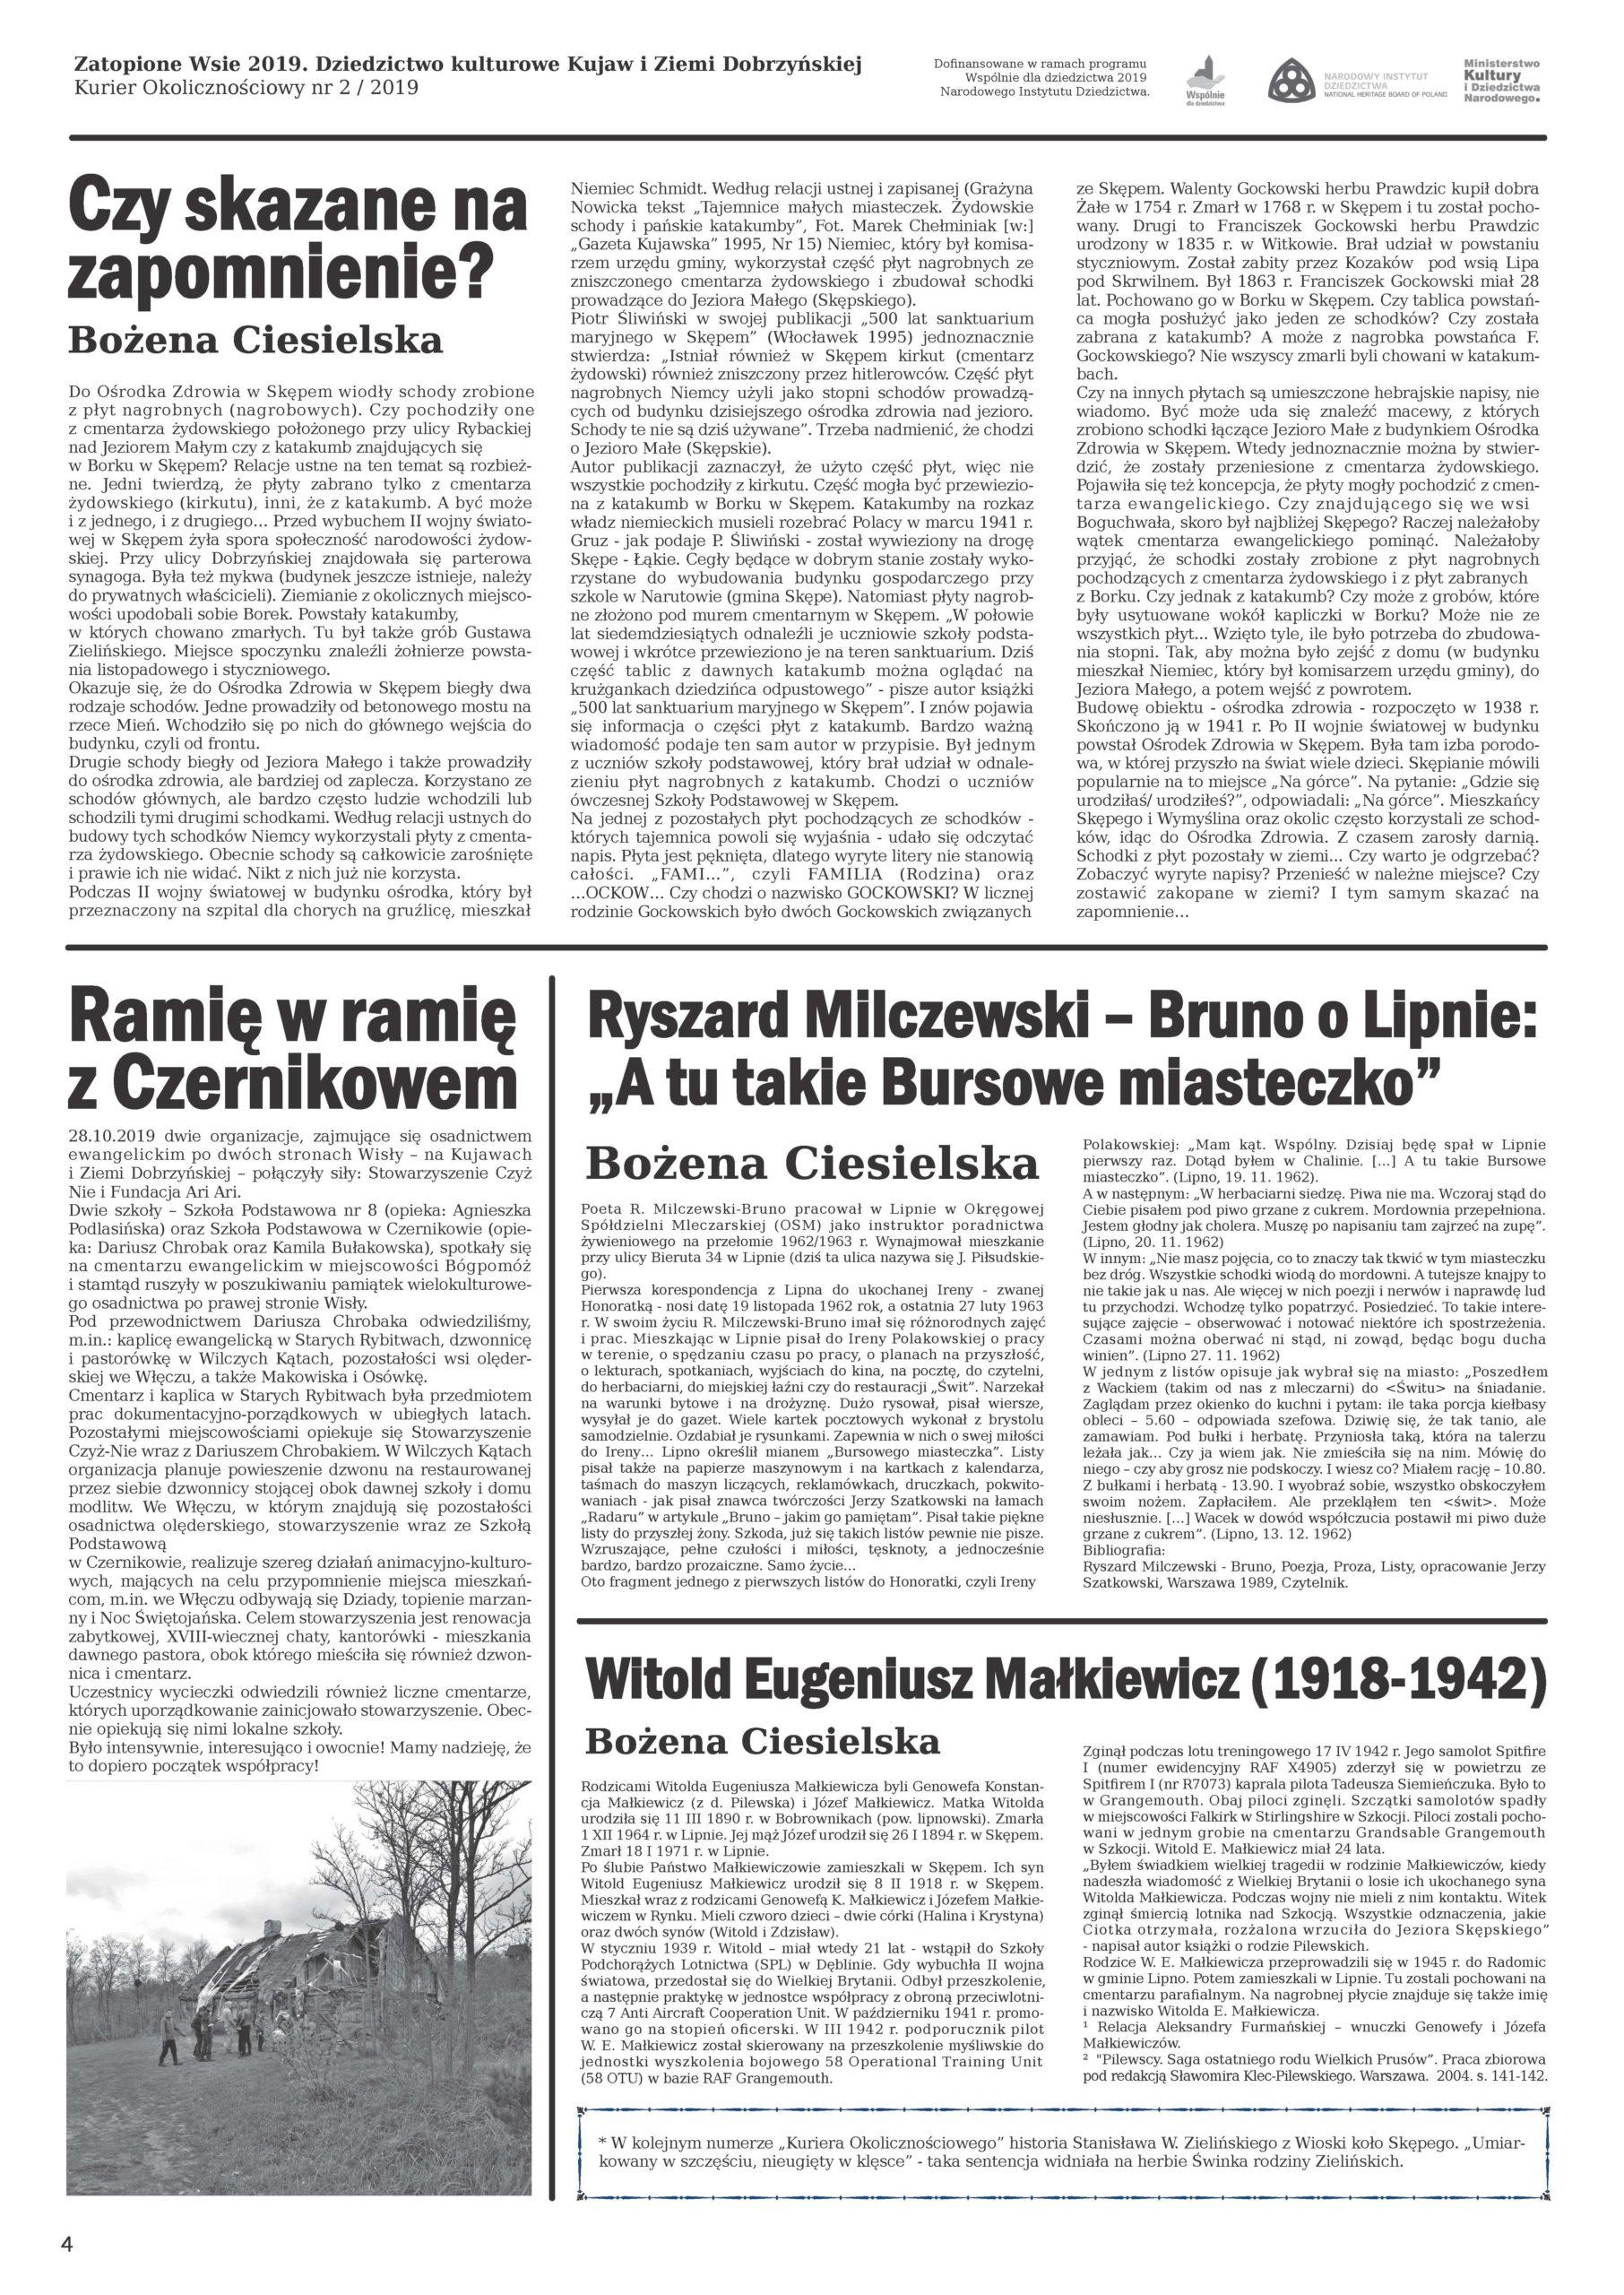 Kurier-2-gazetka-PLANSZA-a2_Strona_1 — kopia